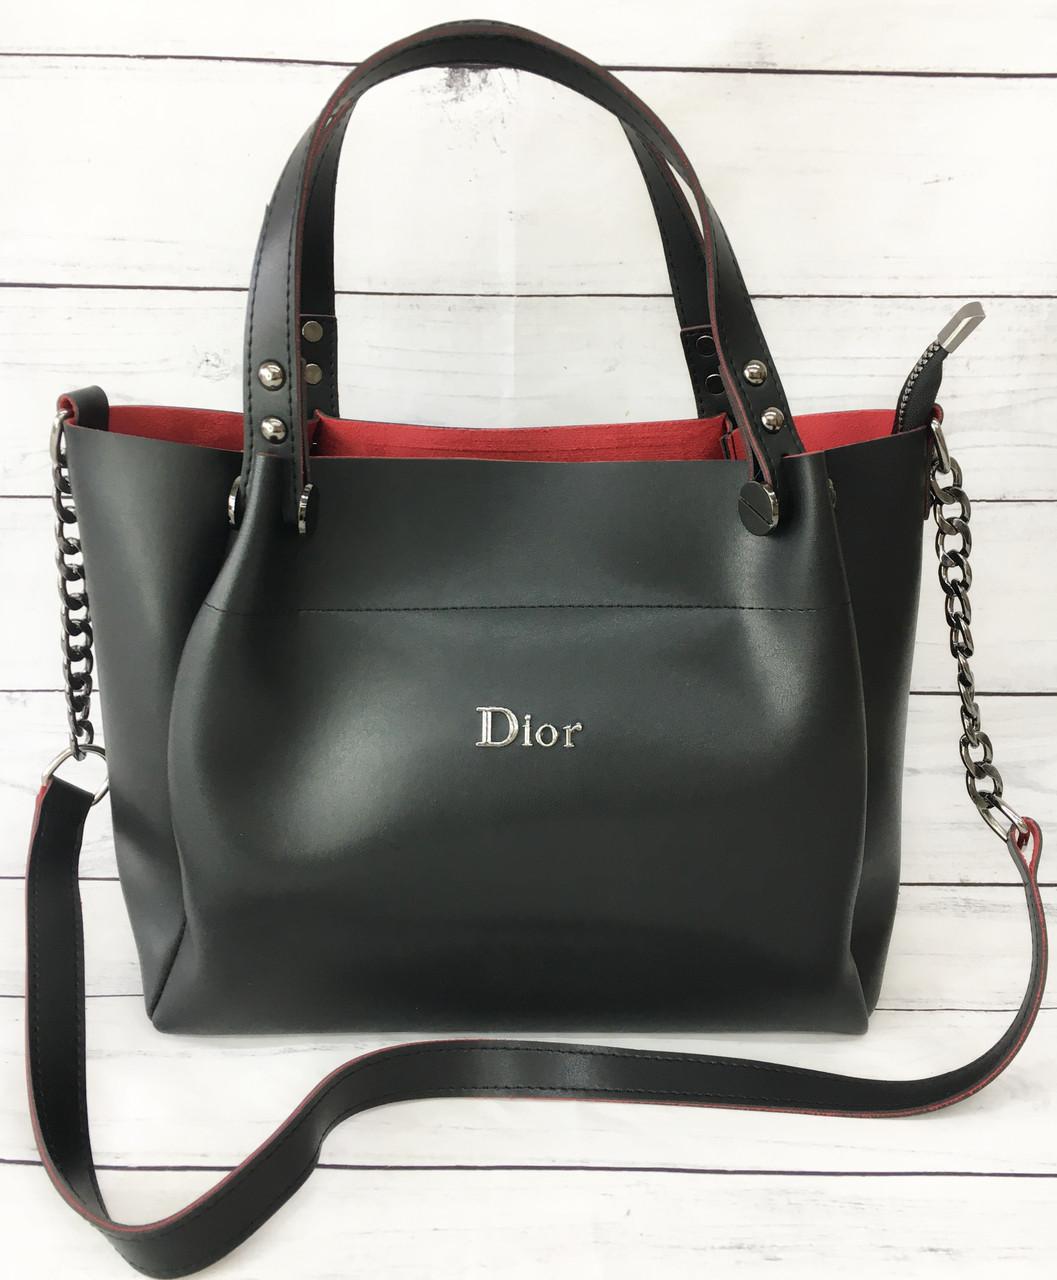 Жіноча сумка Mісhаеl Когѕ (в стилі Майкл Корс), чорна ( код: IBG088B )